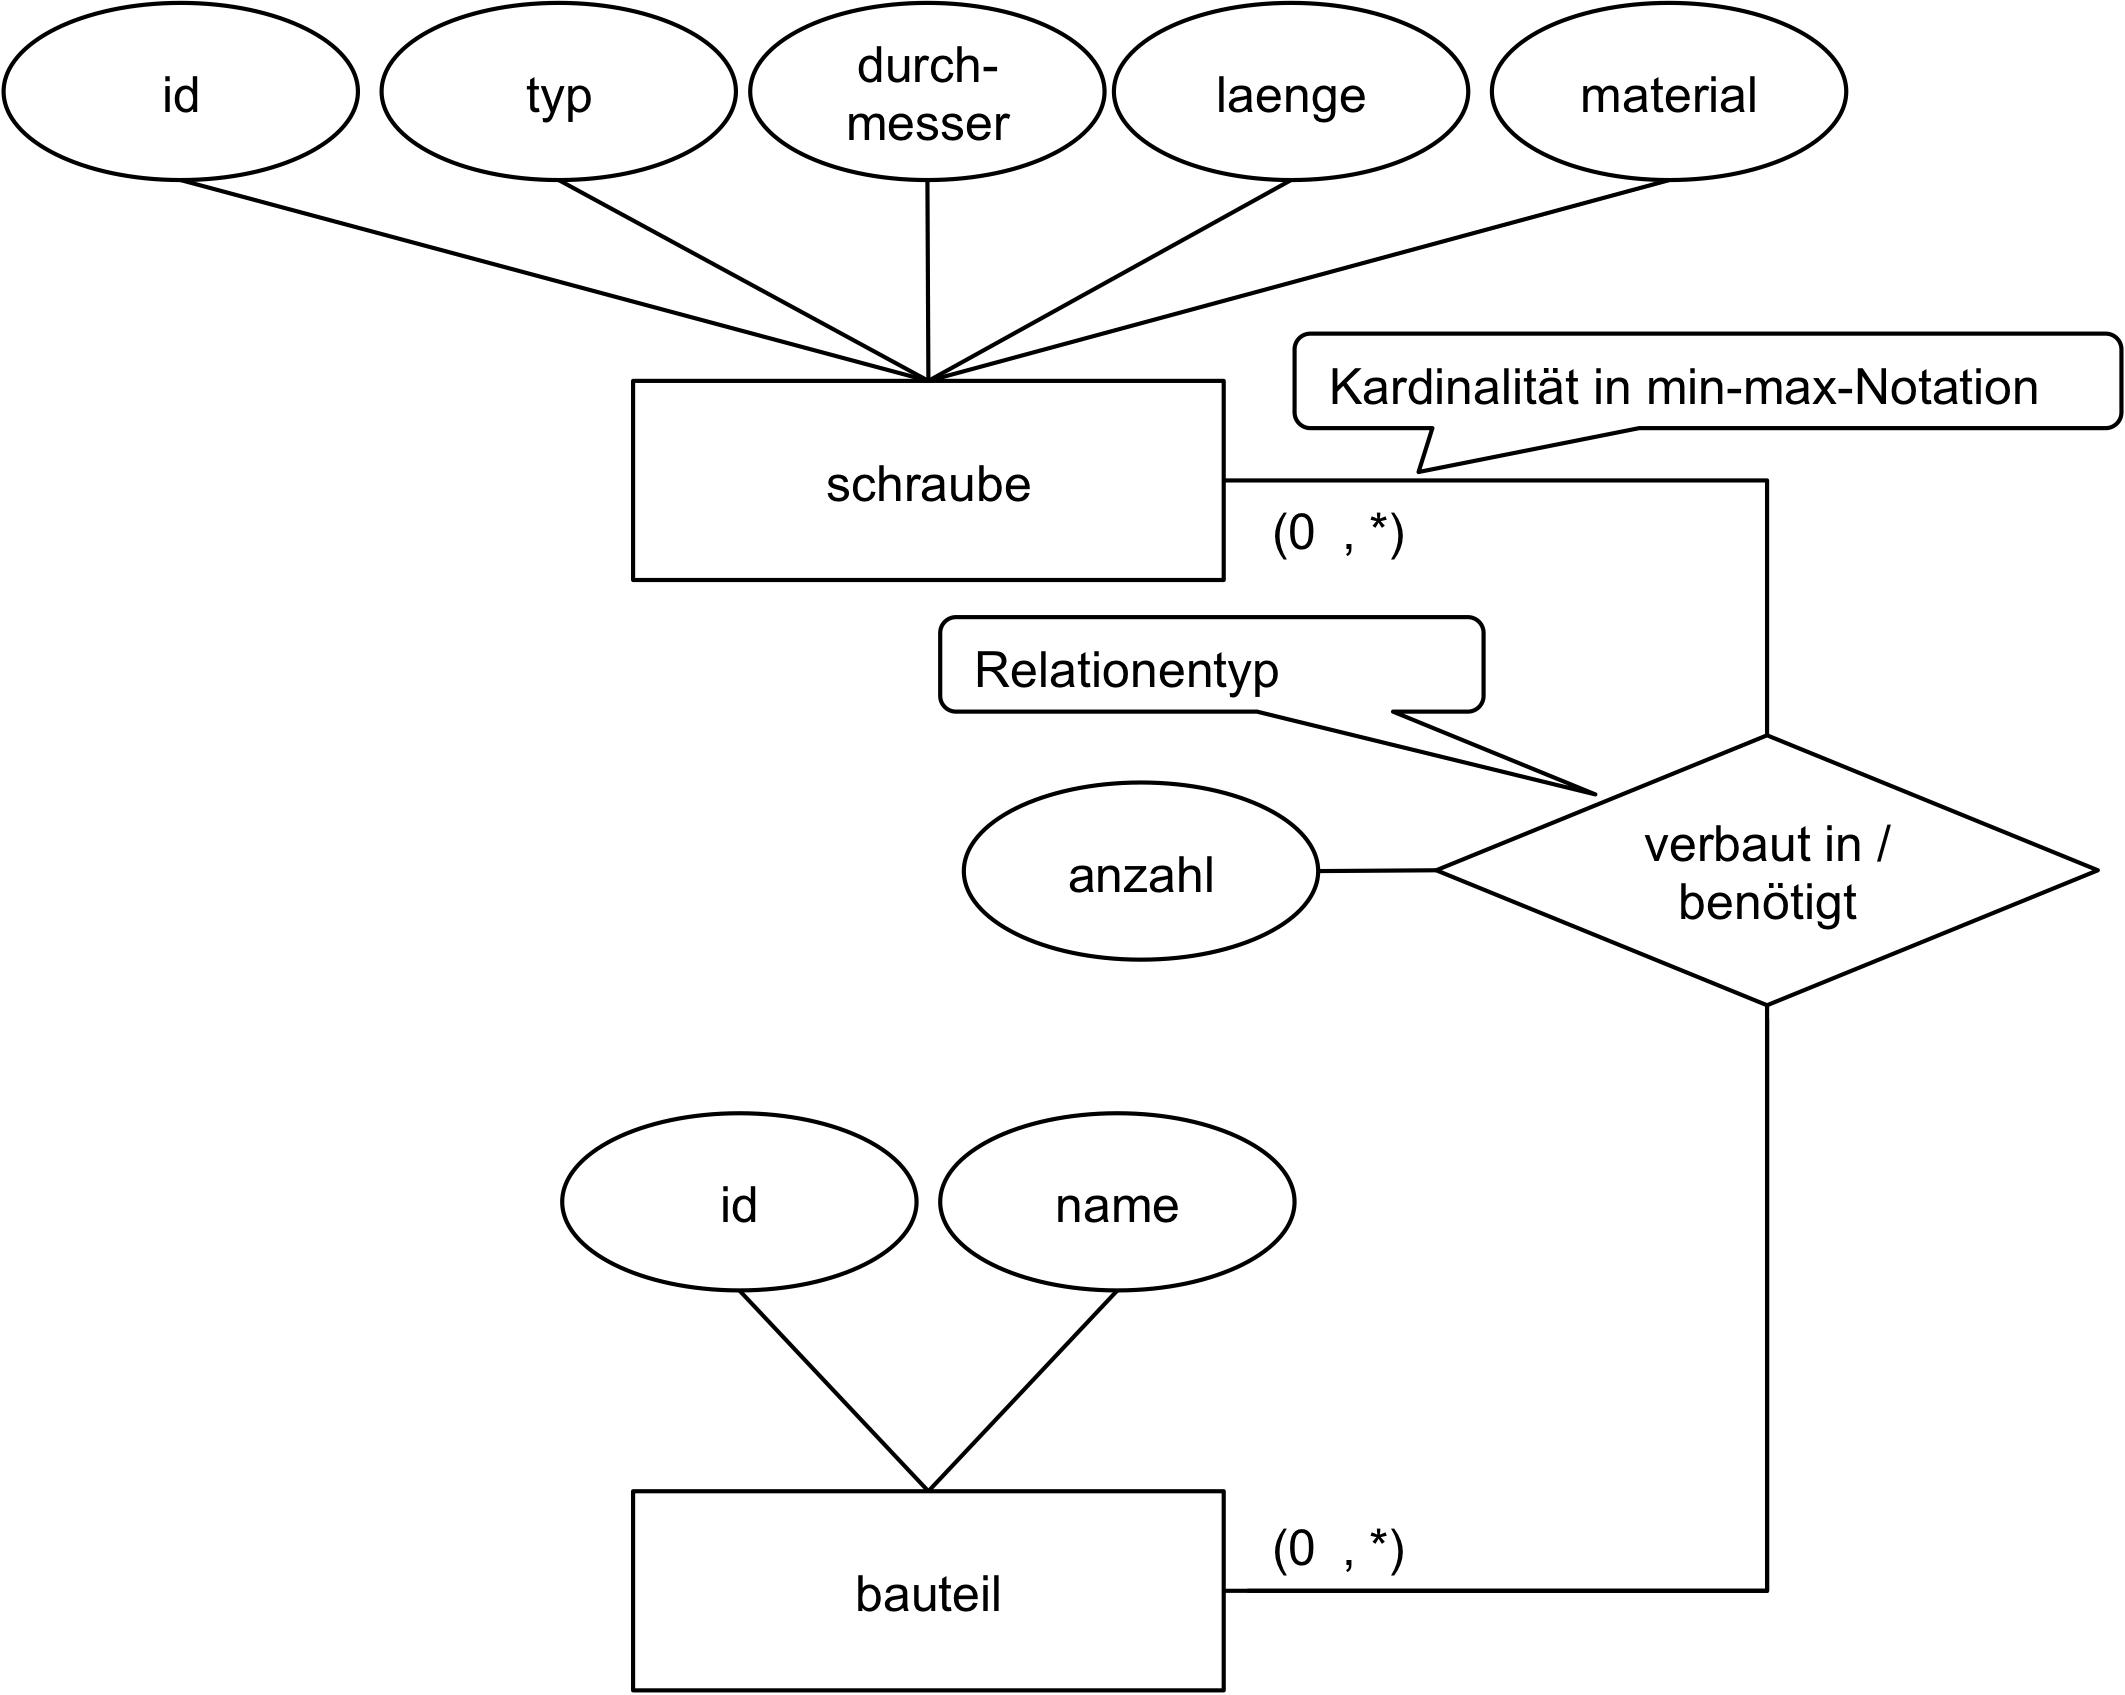 Daten Und Datenmodellierung (3) Datenmodellierung with regard to Er Diagramm N M Beziehung